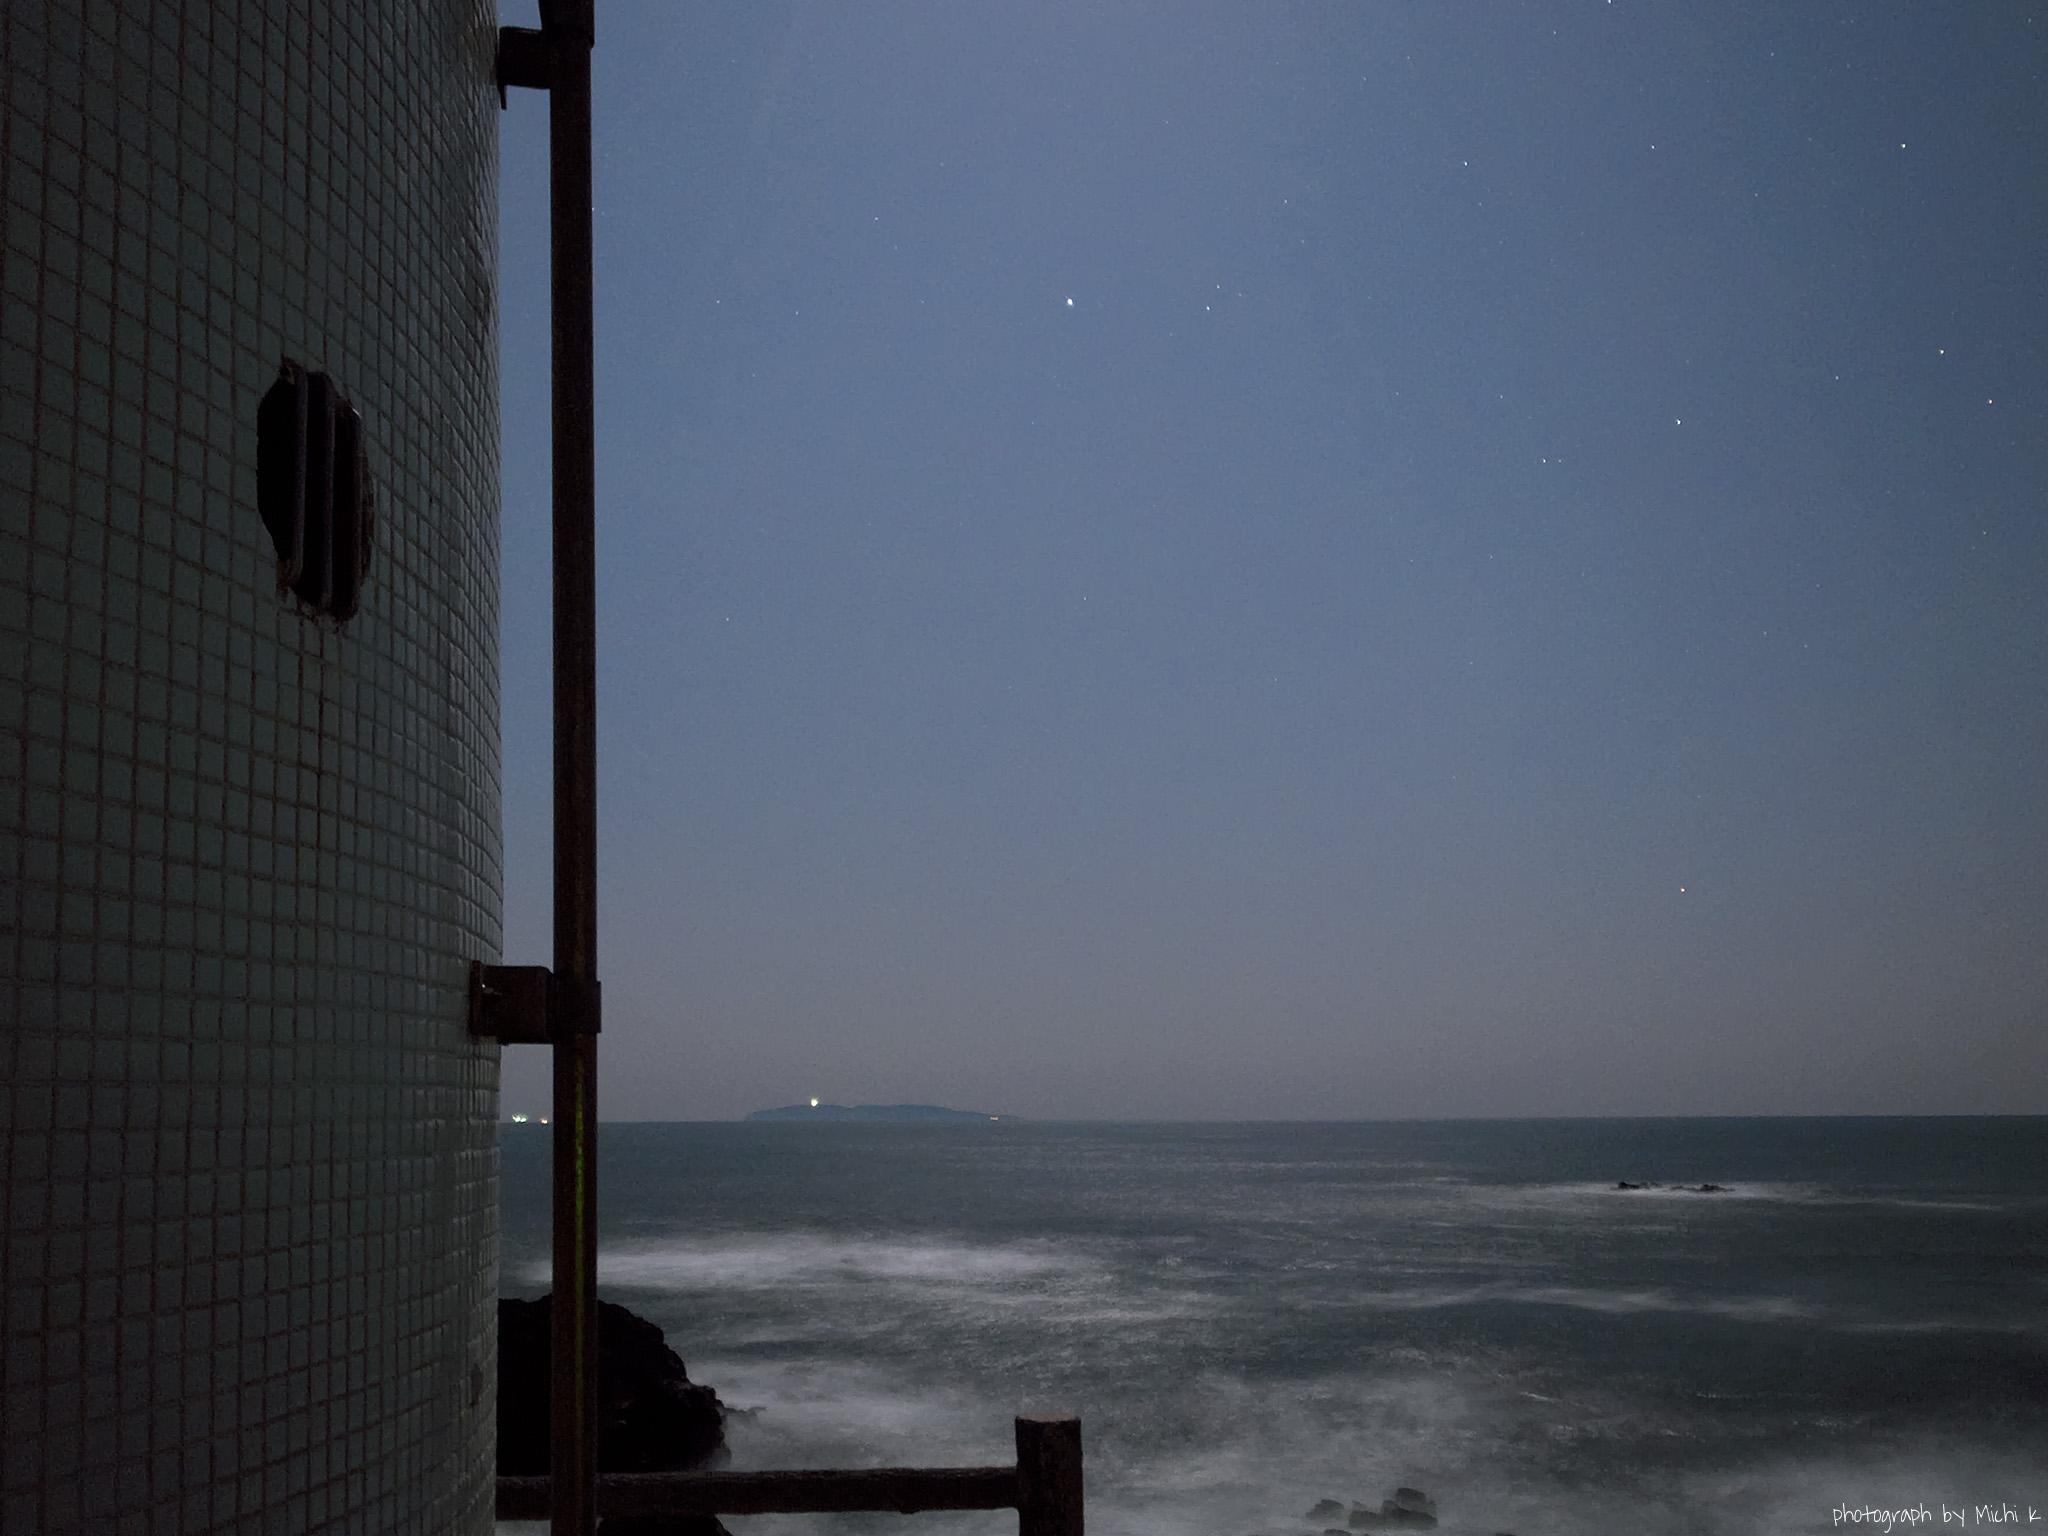 鼠ヶ関灯台の写真No.2